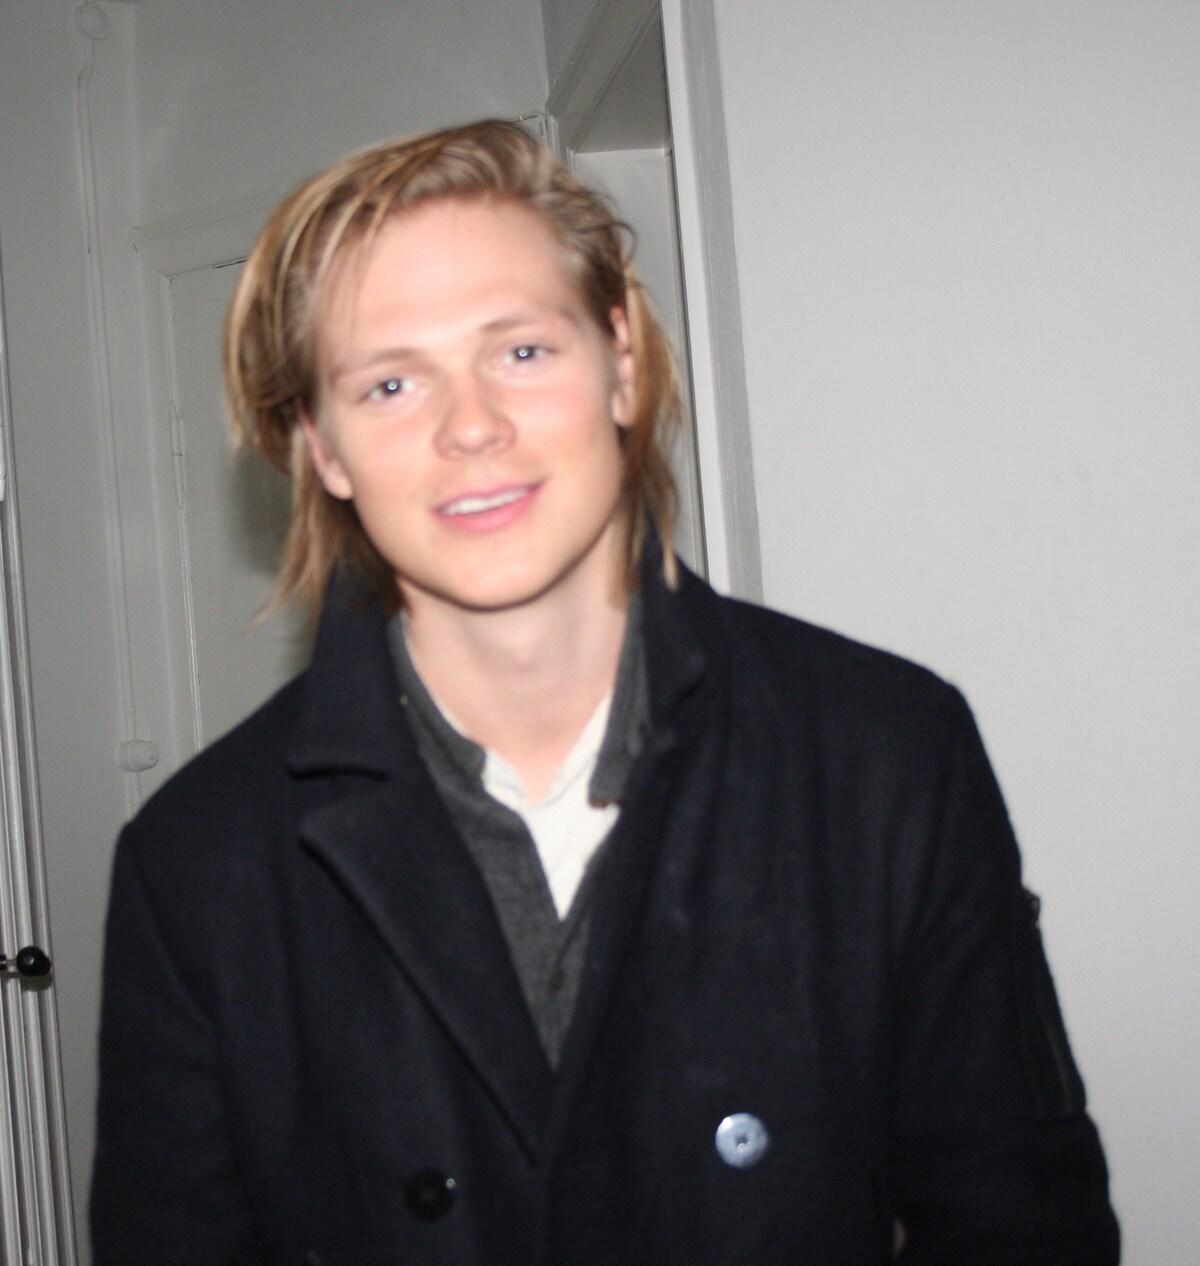 Sebastian from København